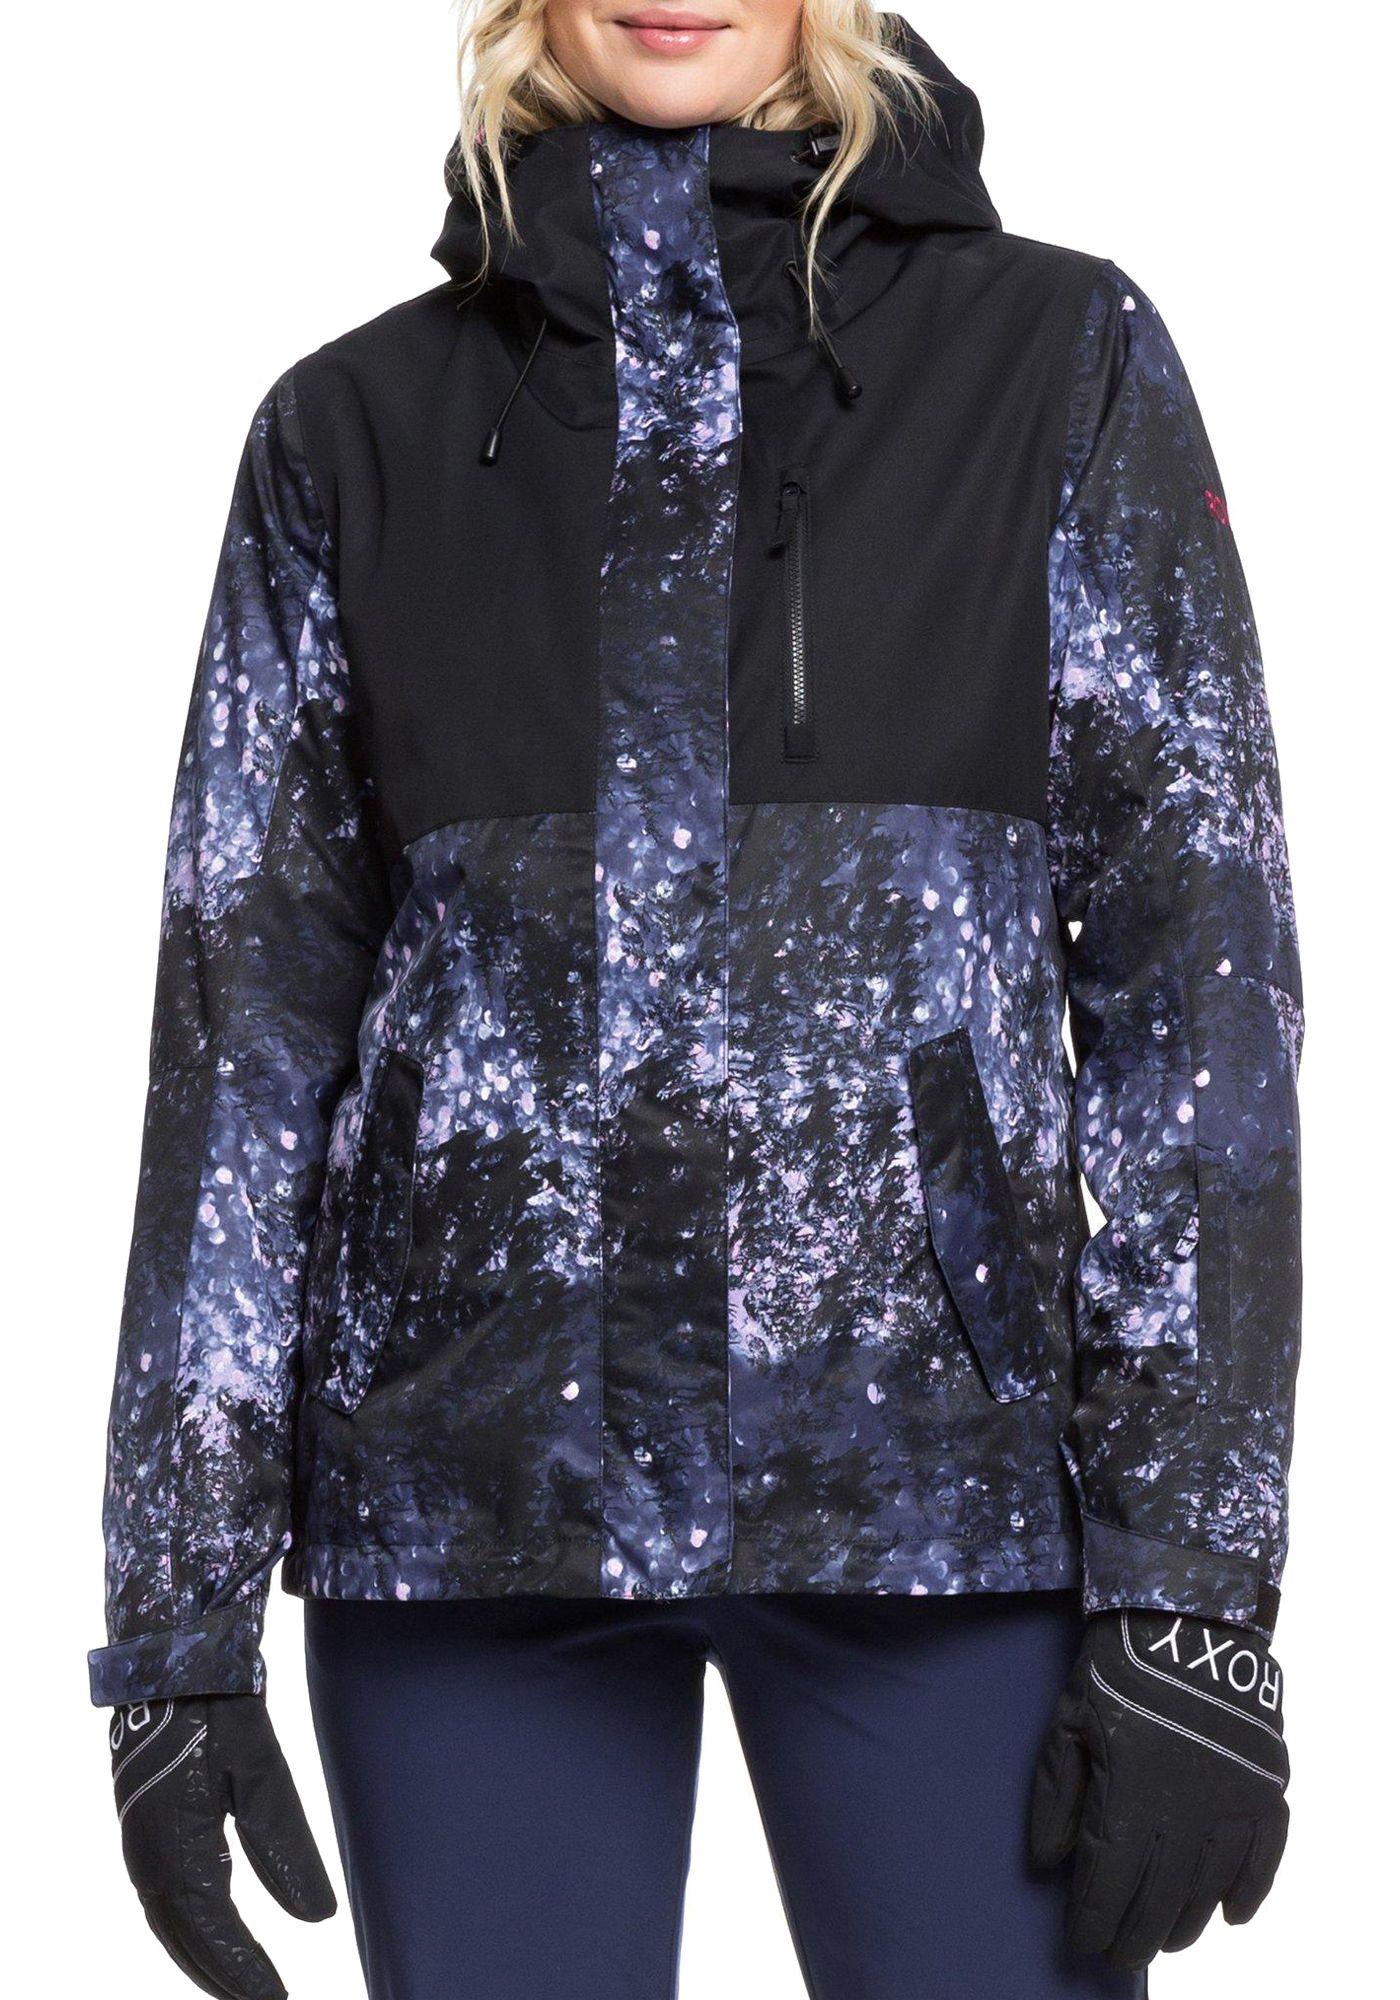 Roxy Women's Jetty 3-in-1 Snow Jacket